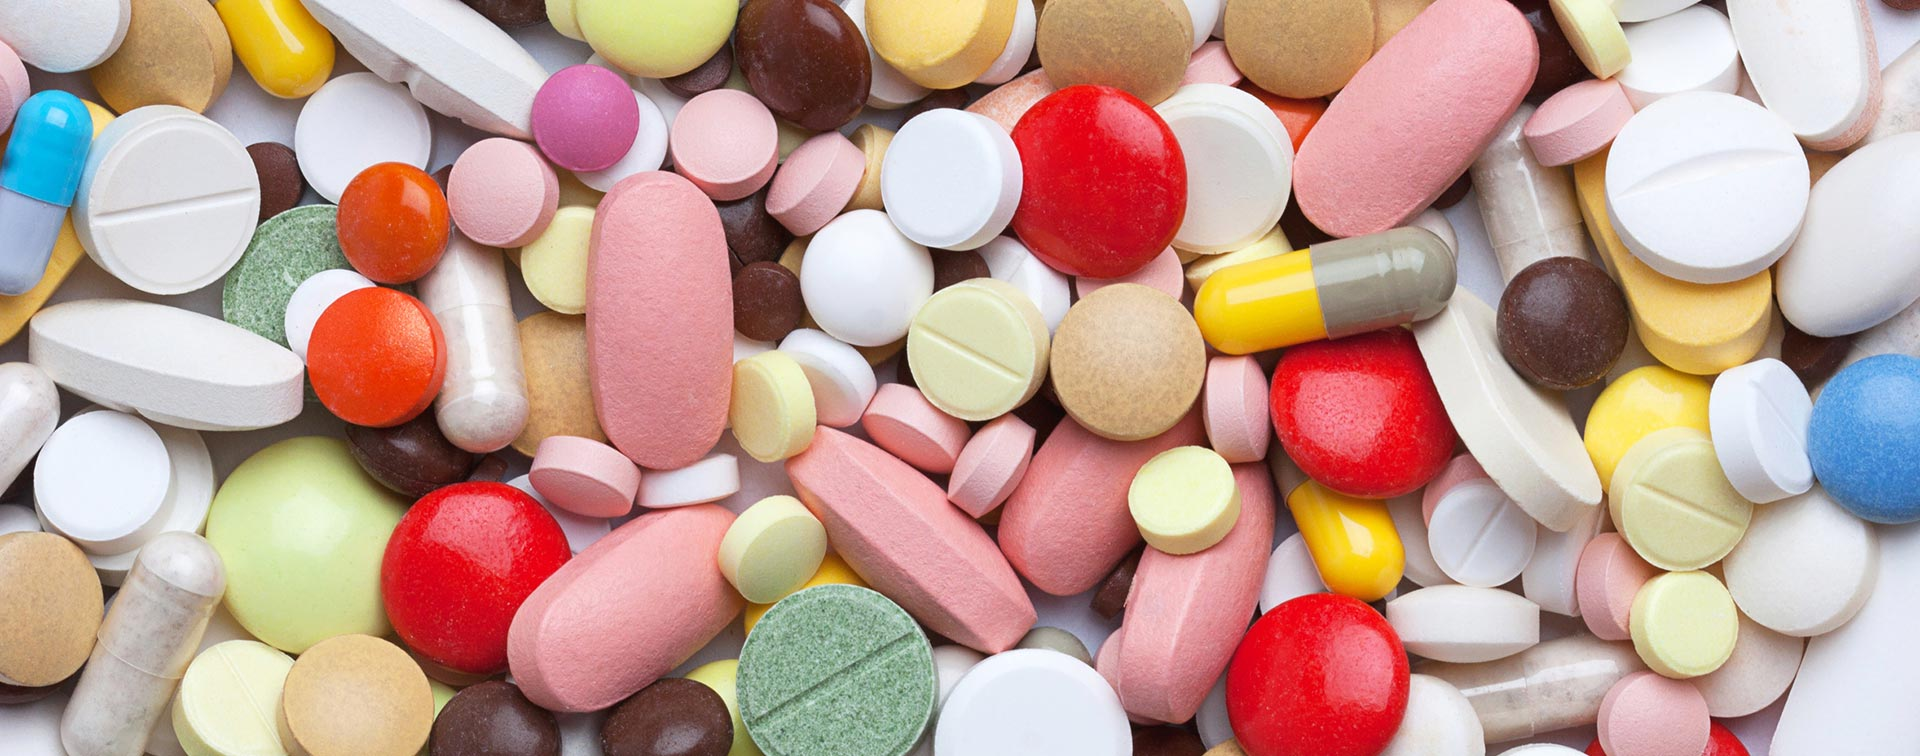 DONEDAVNO LEGALNA DROGA 'STRONGMAN' U Poljskoj 150 ljudi hospitalizirano nakon konzumiranja